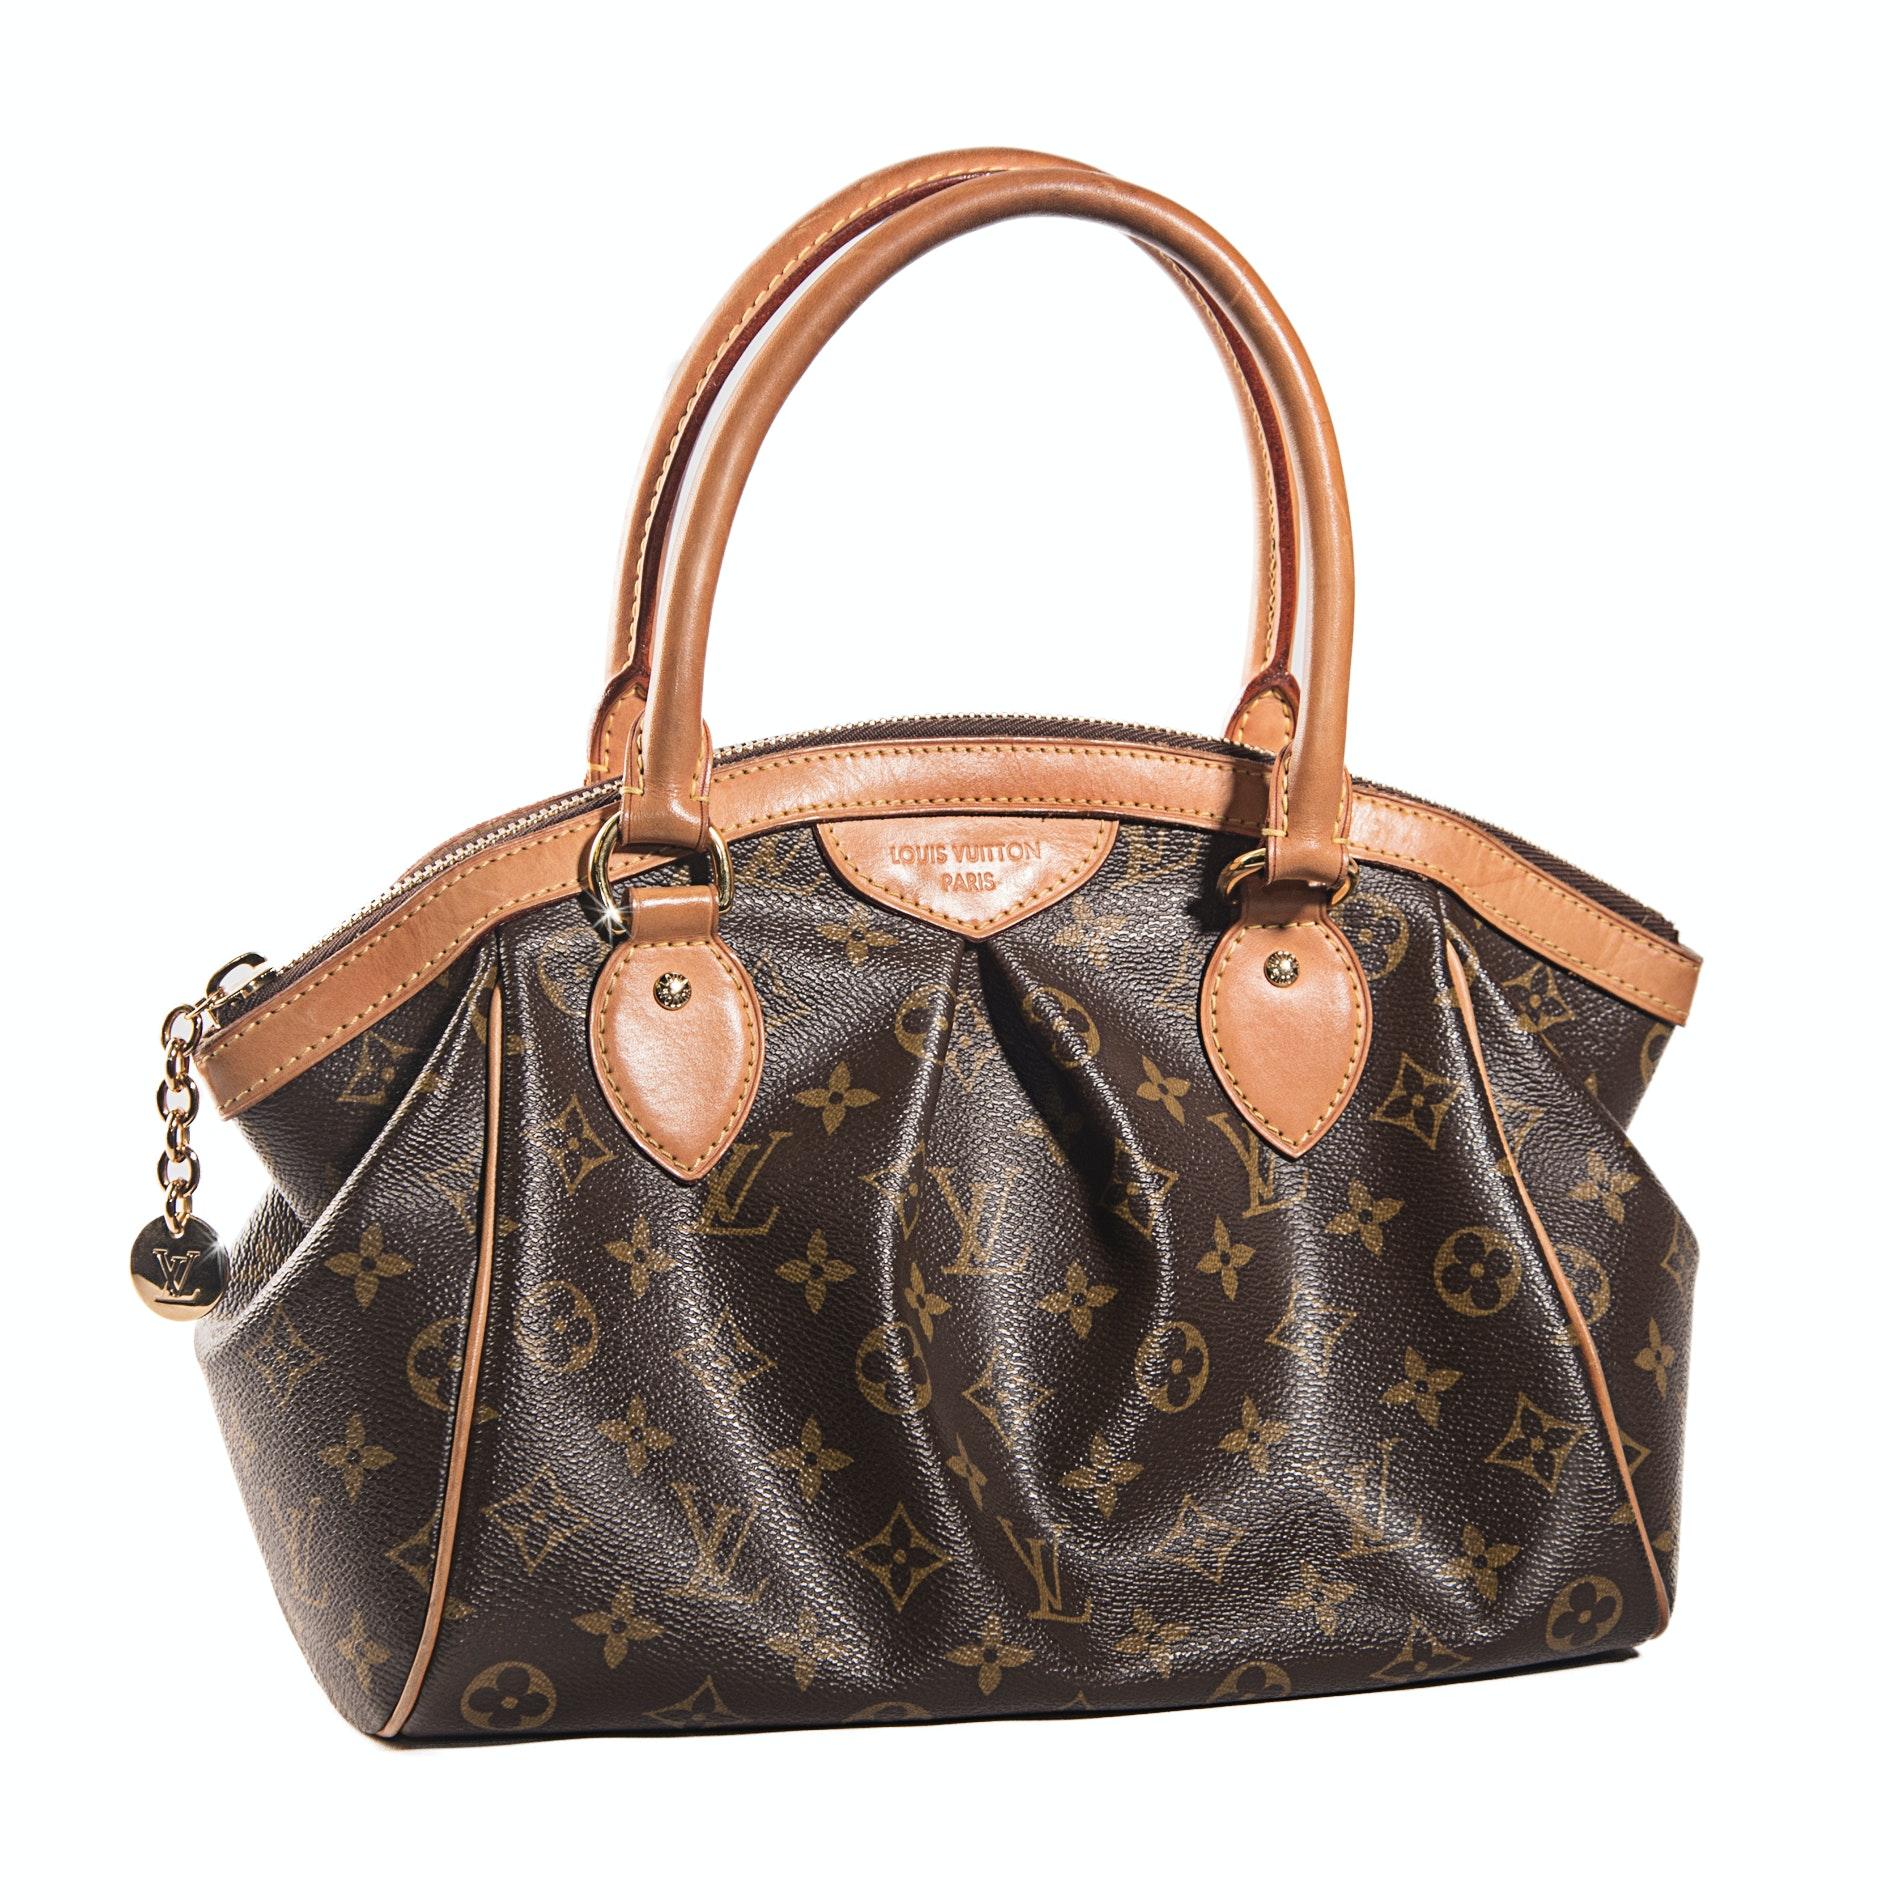 Louis Vuitton Tivoli PM Handbag